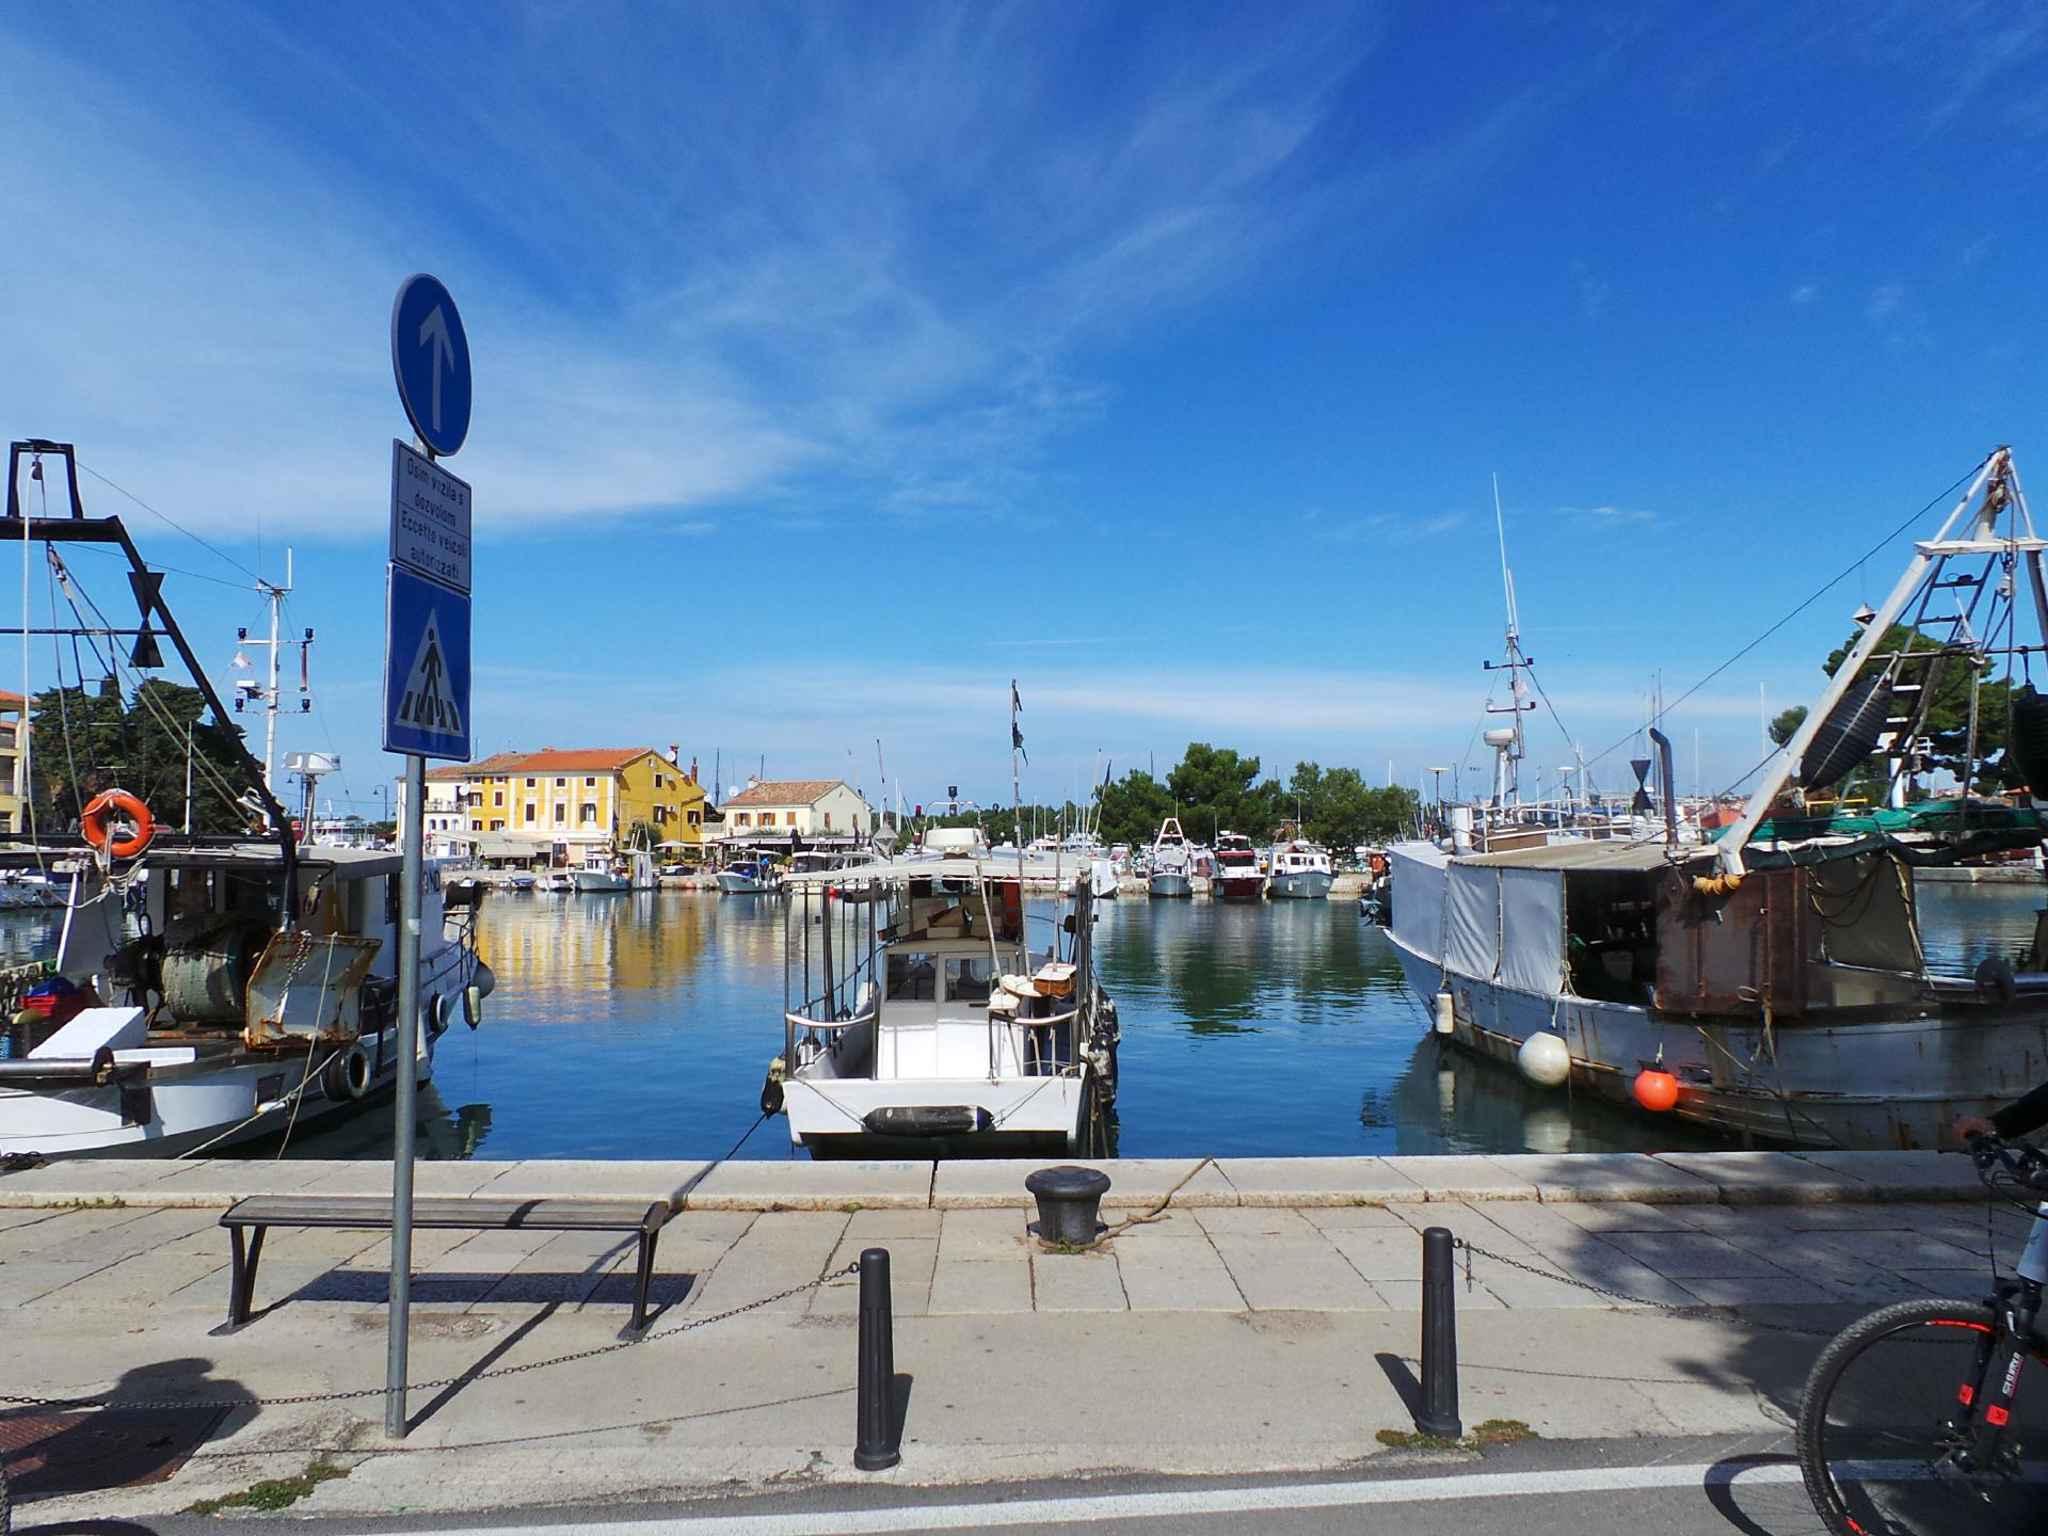 Ferienwohnung mit Meerblick (278910), Zadar, , Dalmatien, Kroatien, Bild 24